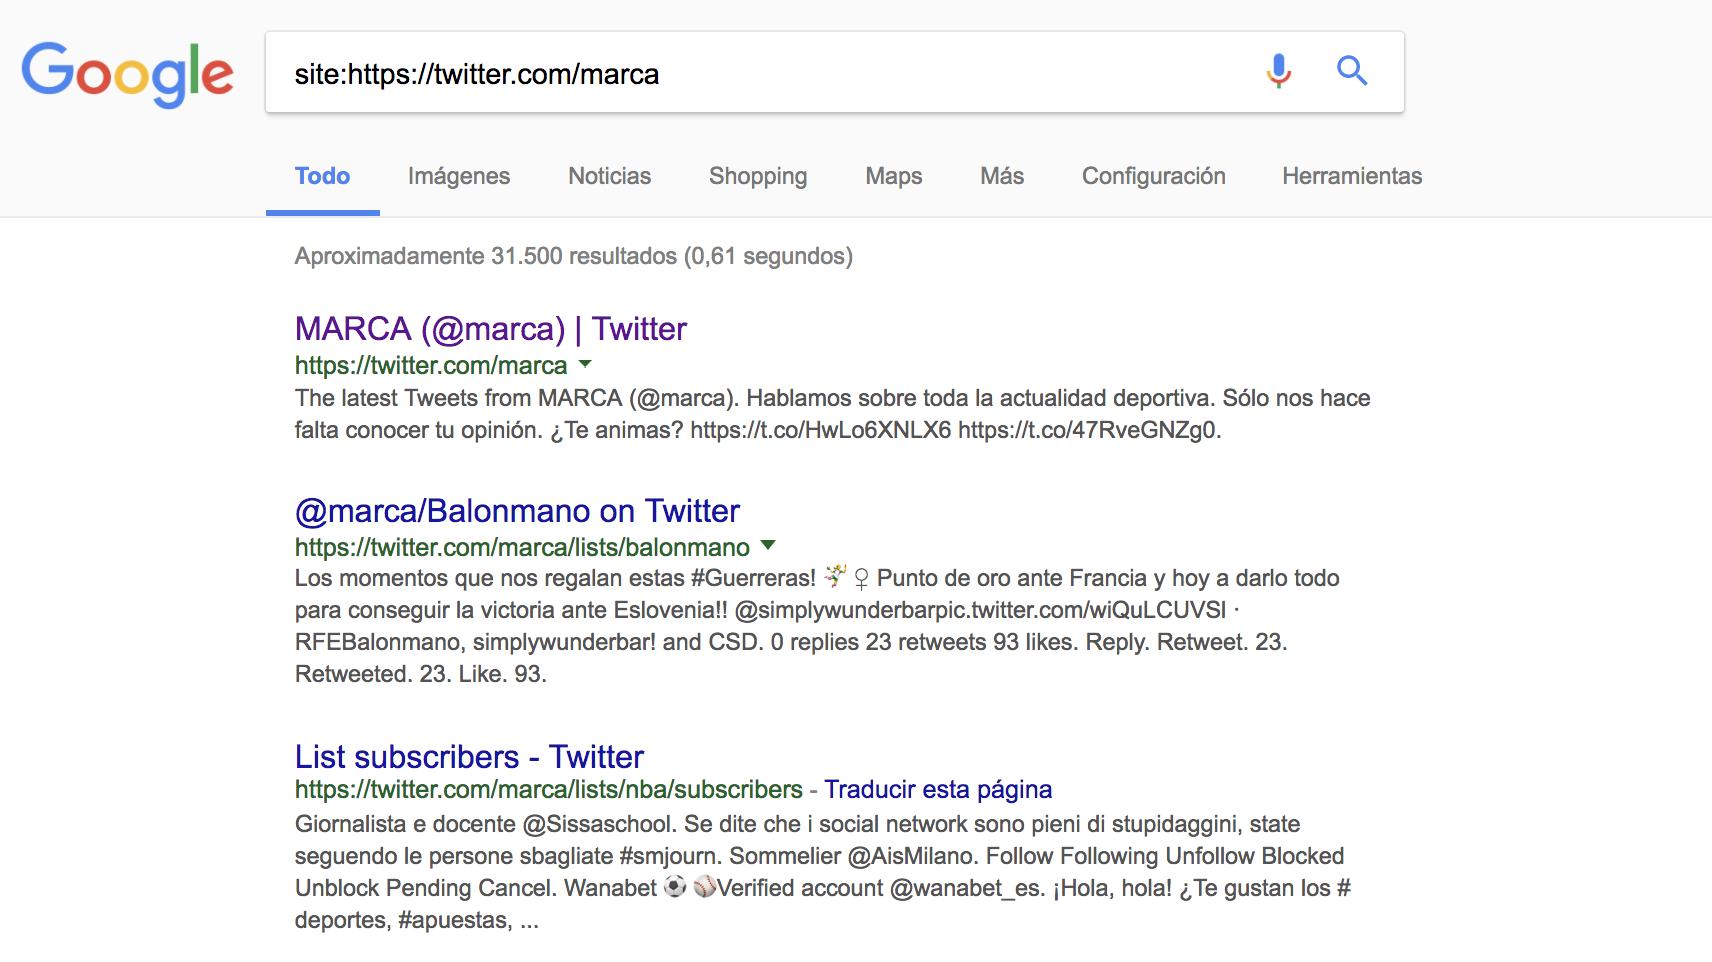 SEO en redes sociales - URLs de Marca